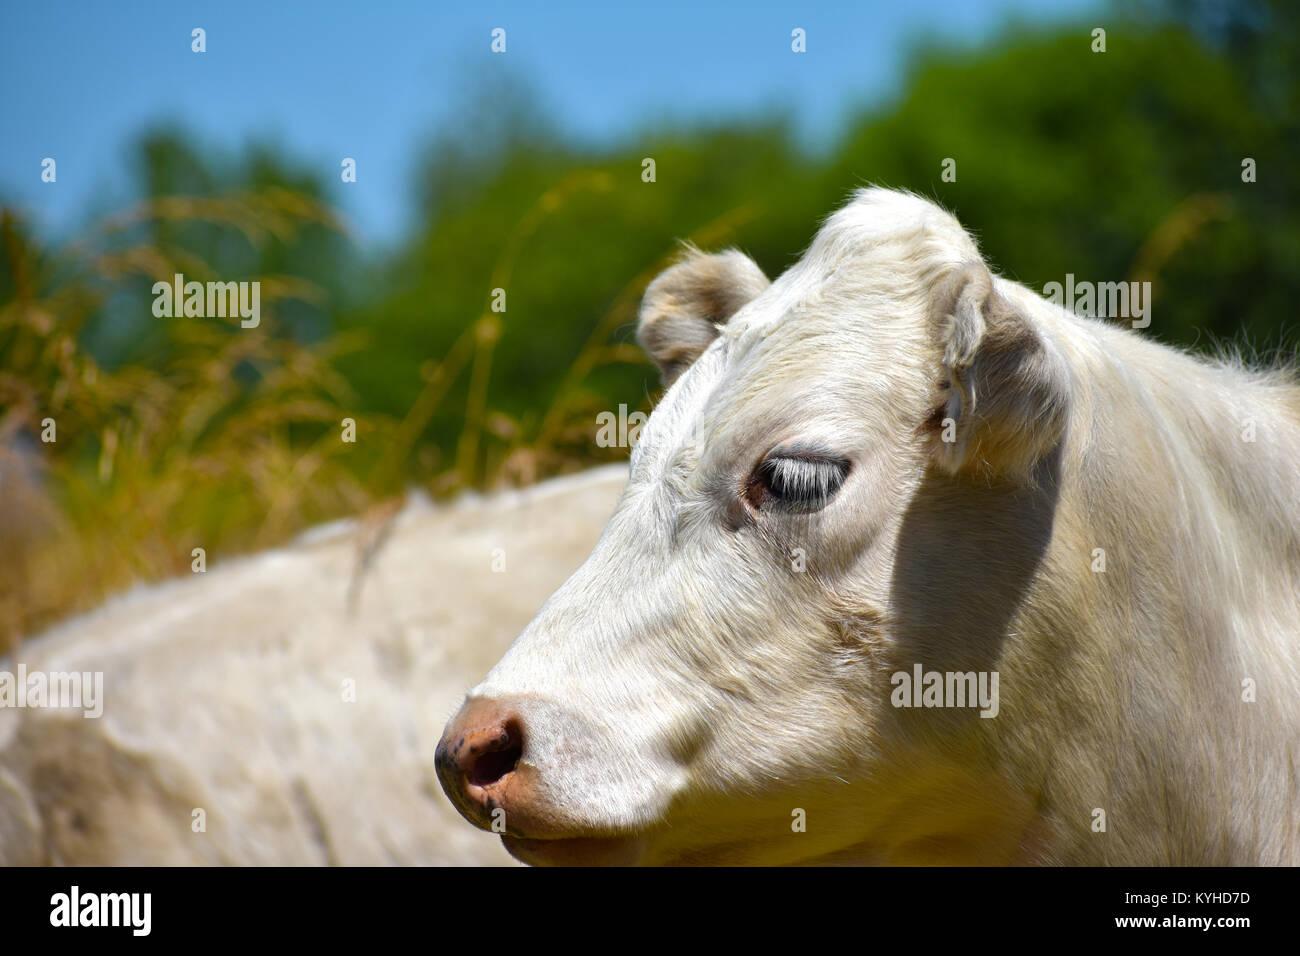 La cara de un toro blanco mostrando el perfil con un fondo difuminado suave de pastos altos y árboles de hoja Imagen De Stock